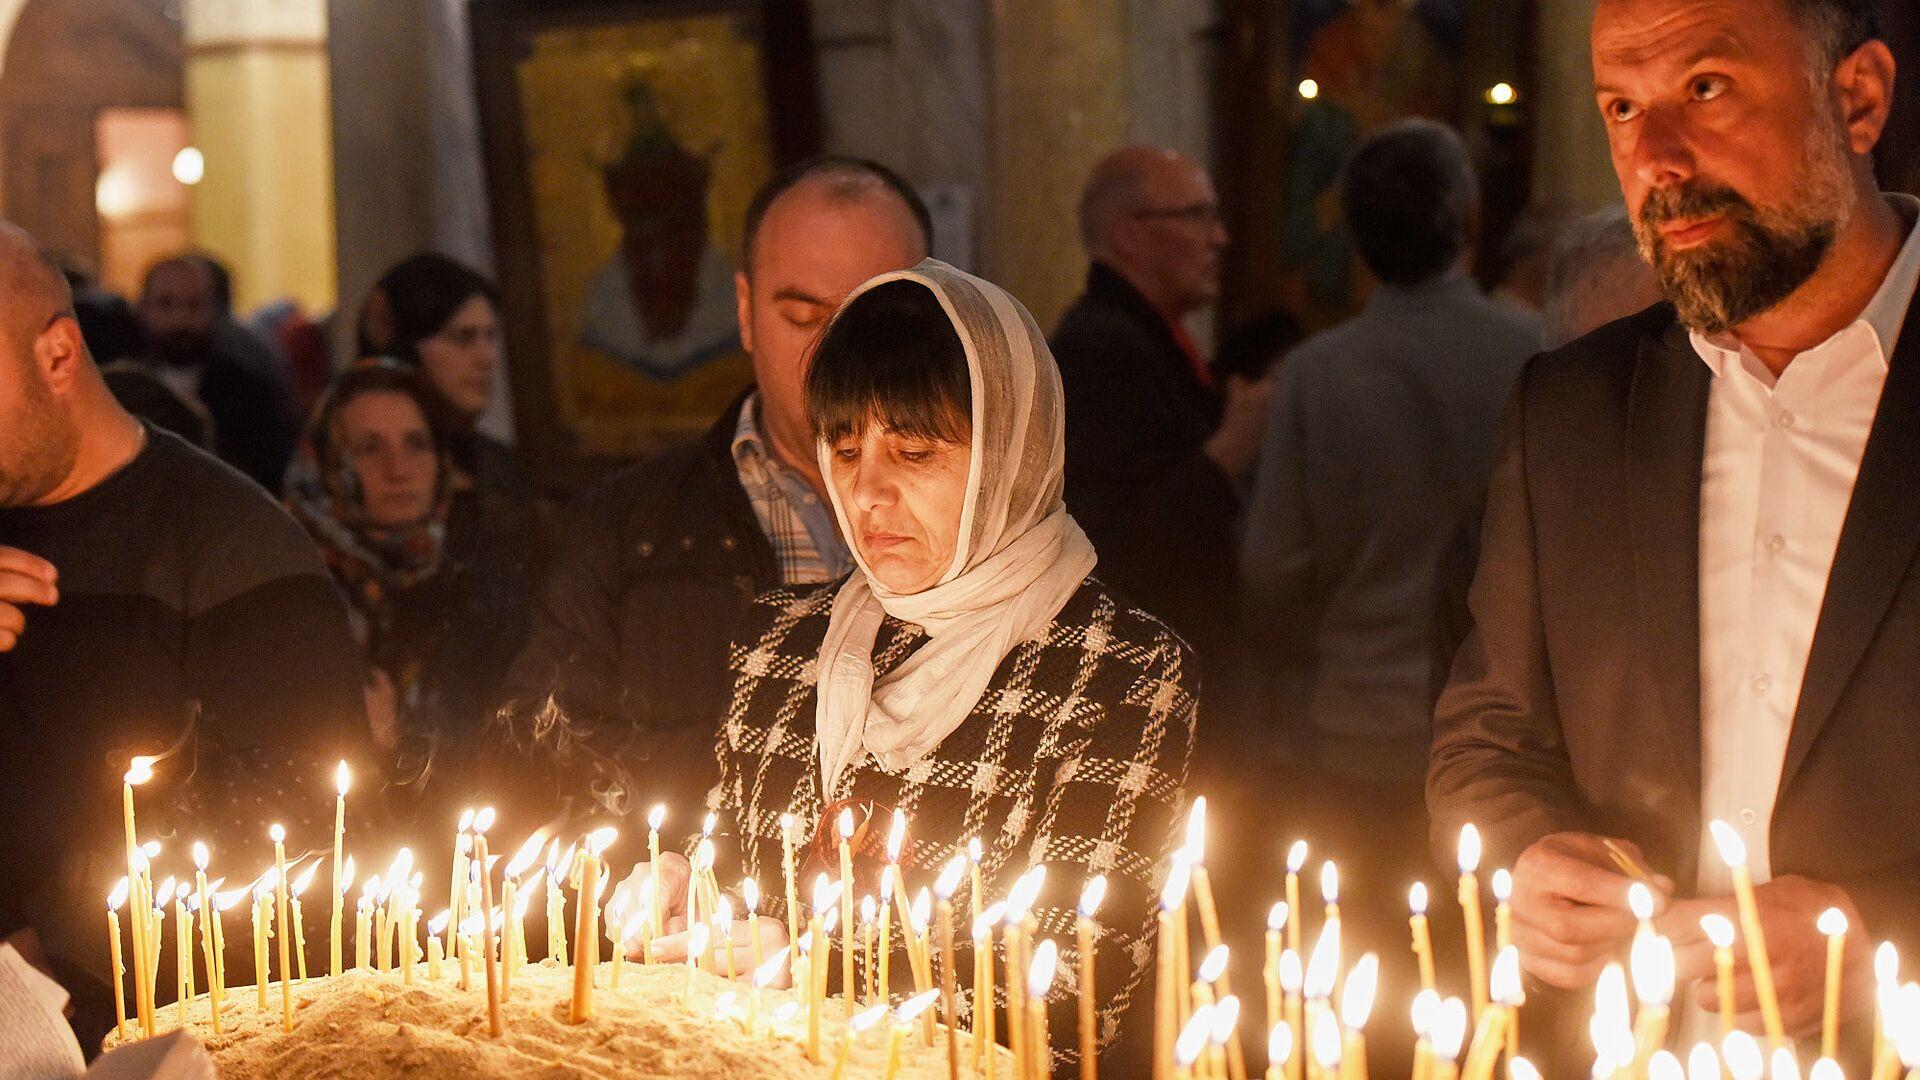 Верующие зажигают свечи во время Пасхального богослужения в храме Святой Троицы - Sputnik Грузия, 1920, 02.10.2021